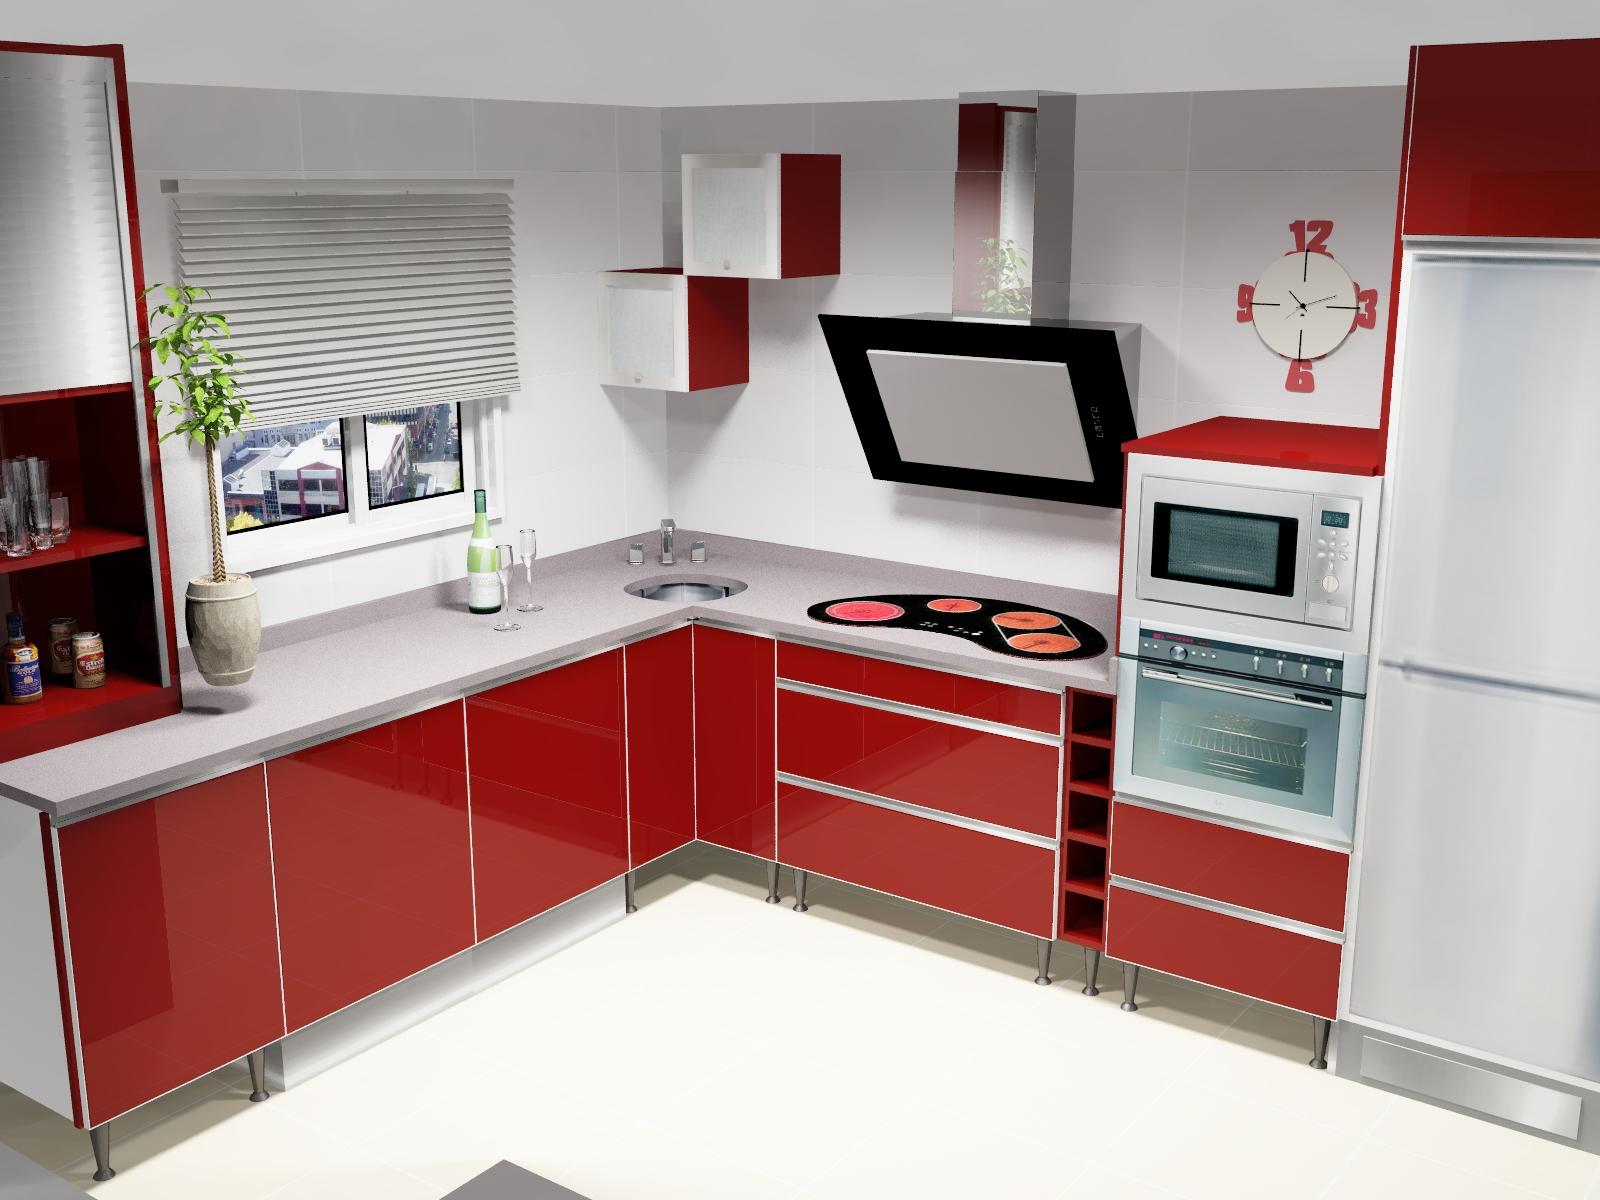 Bonito planificador cocinas online fotos simulador cocinas - Crea tu cocina online ...